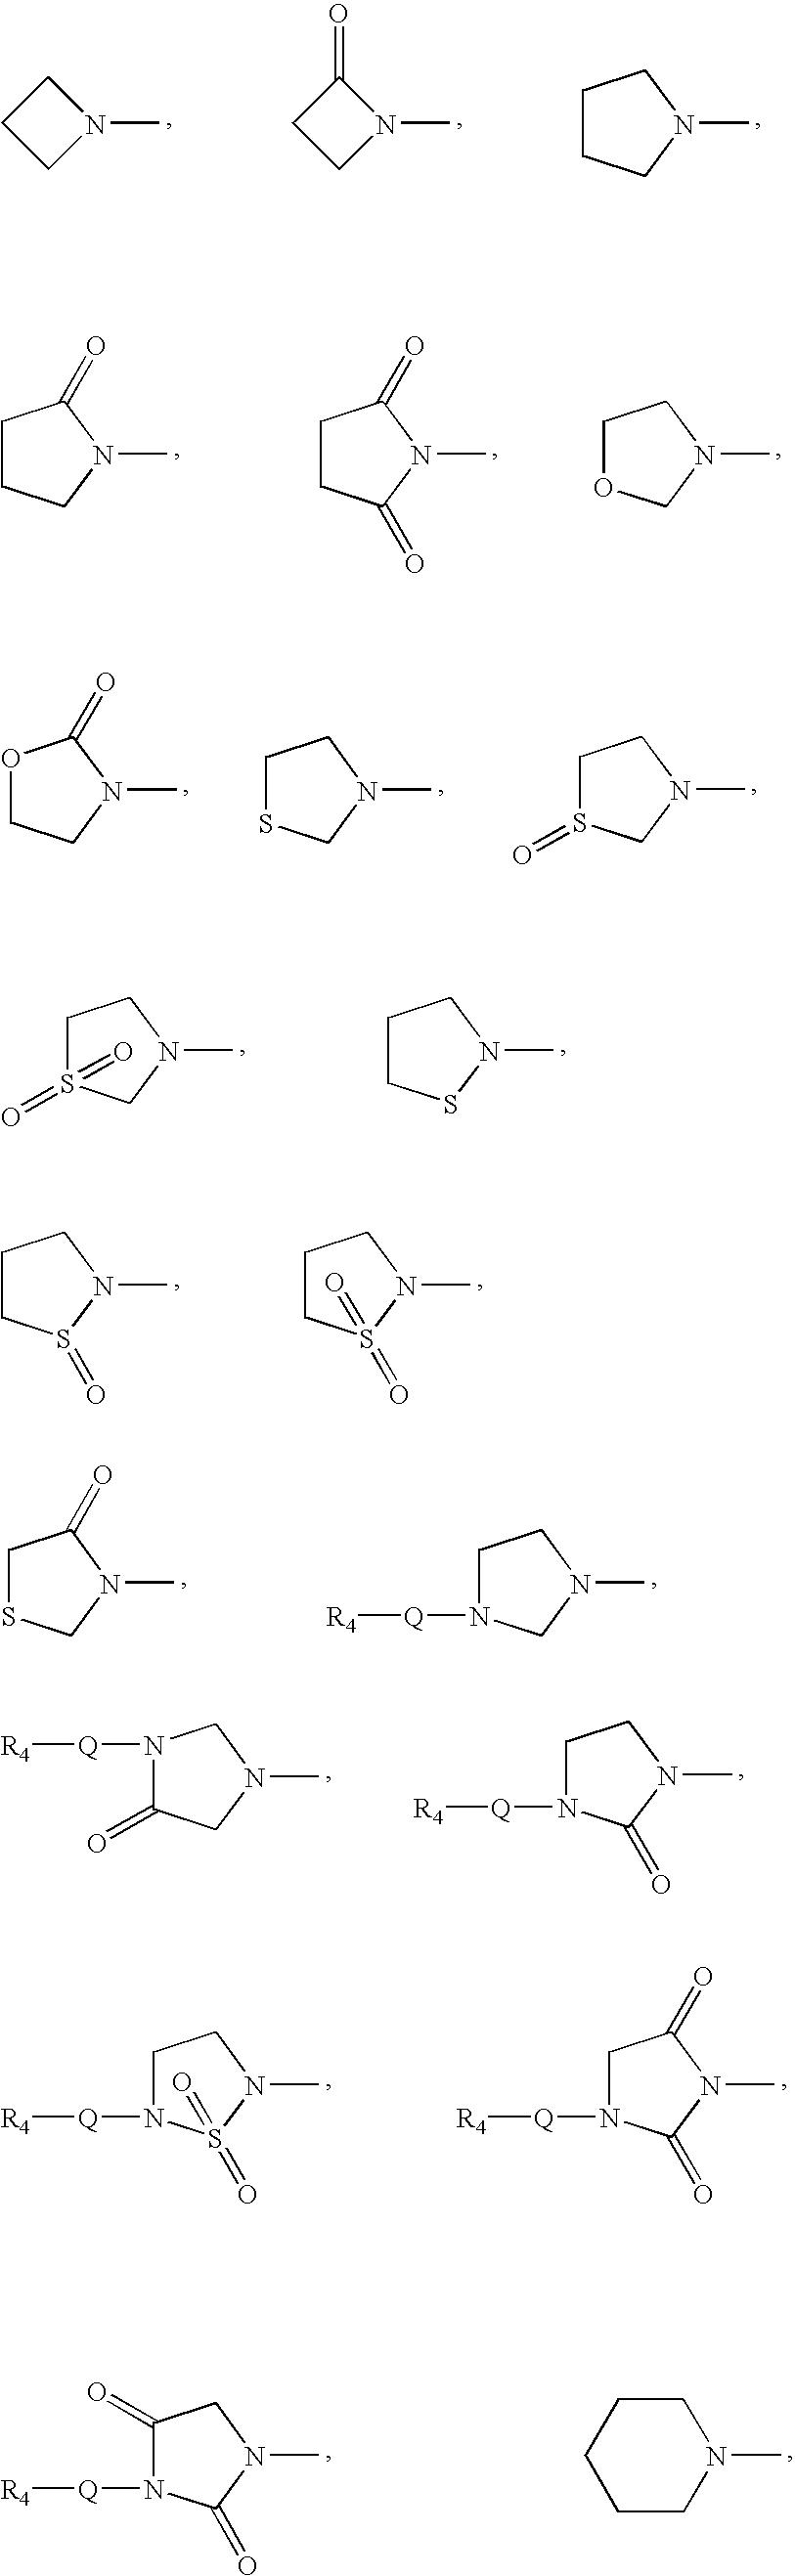 Figure US20070213356A1-20070913-C00064